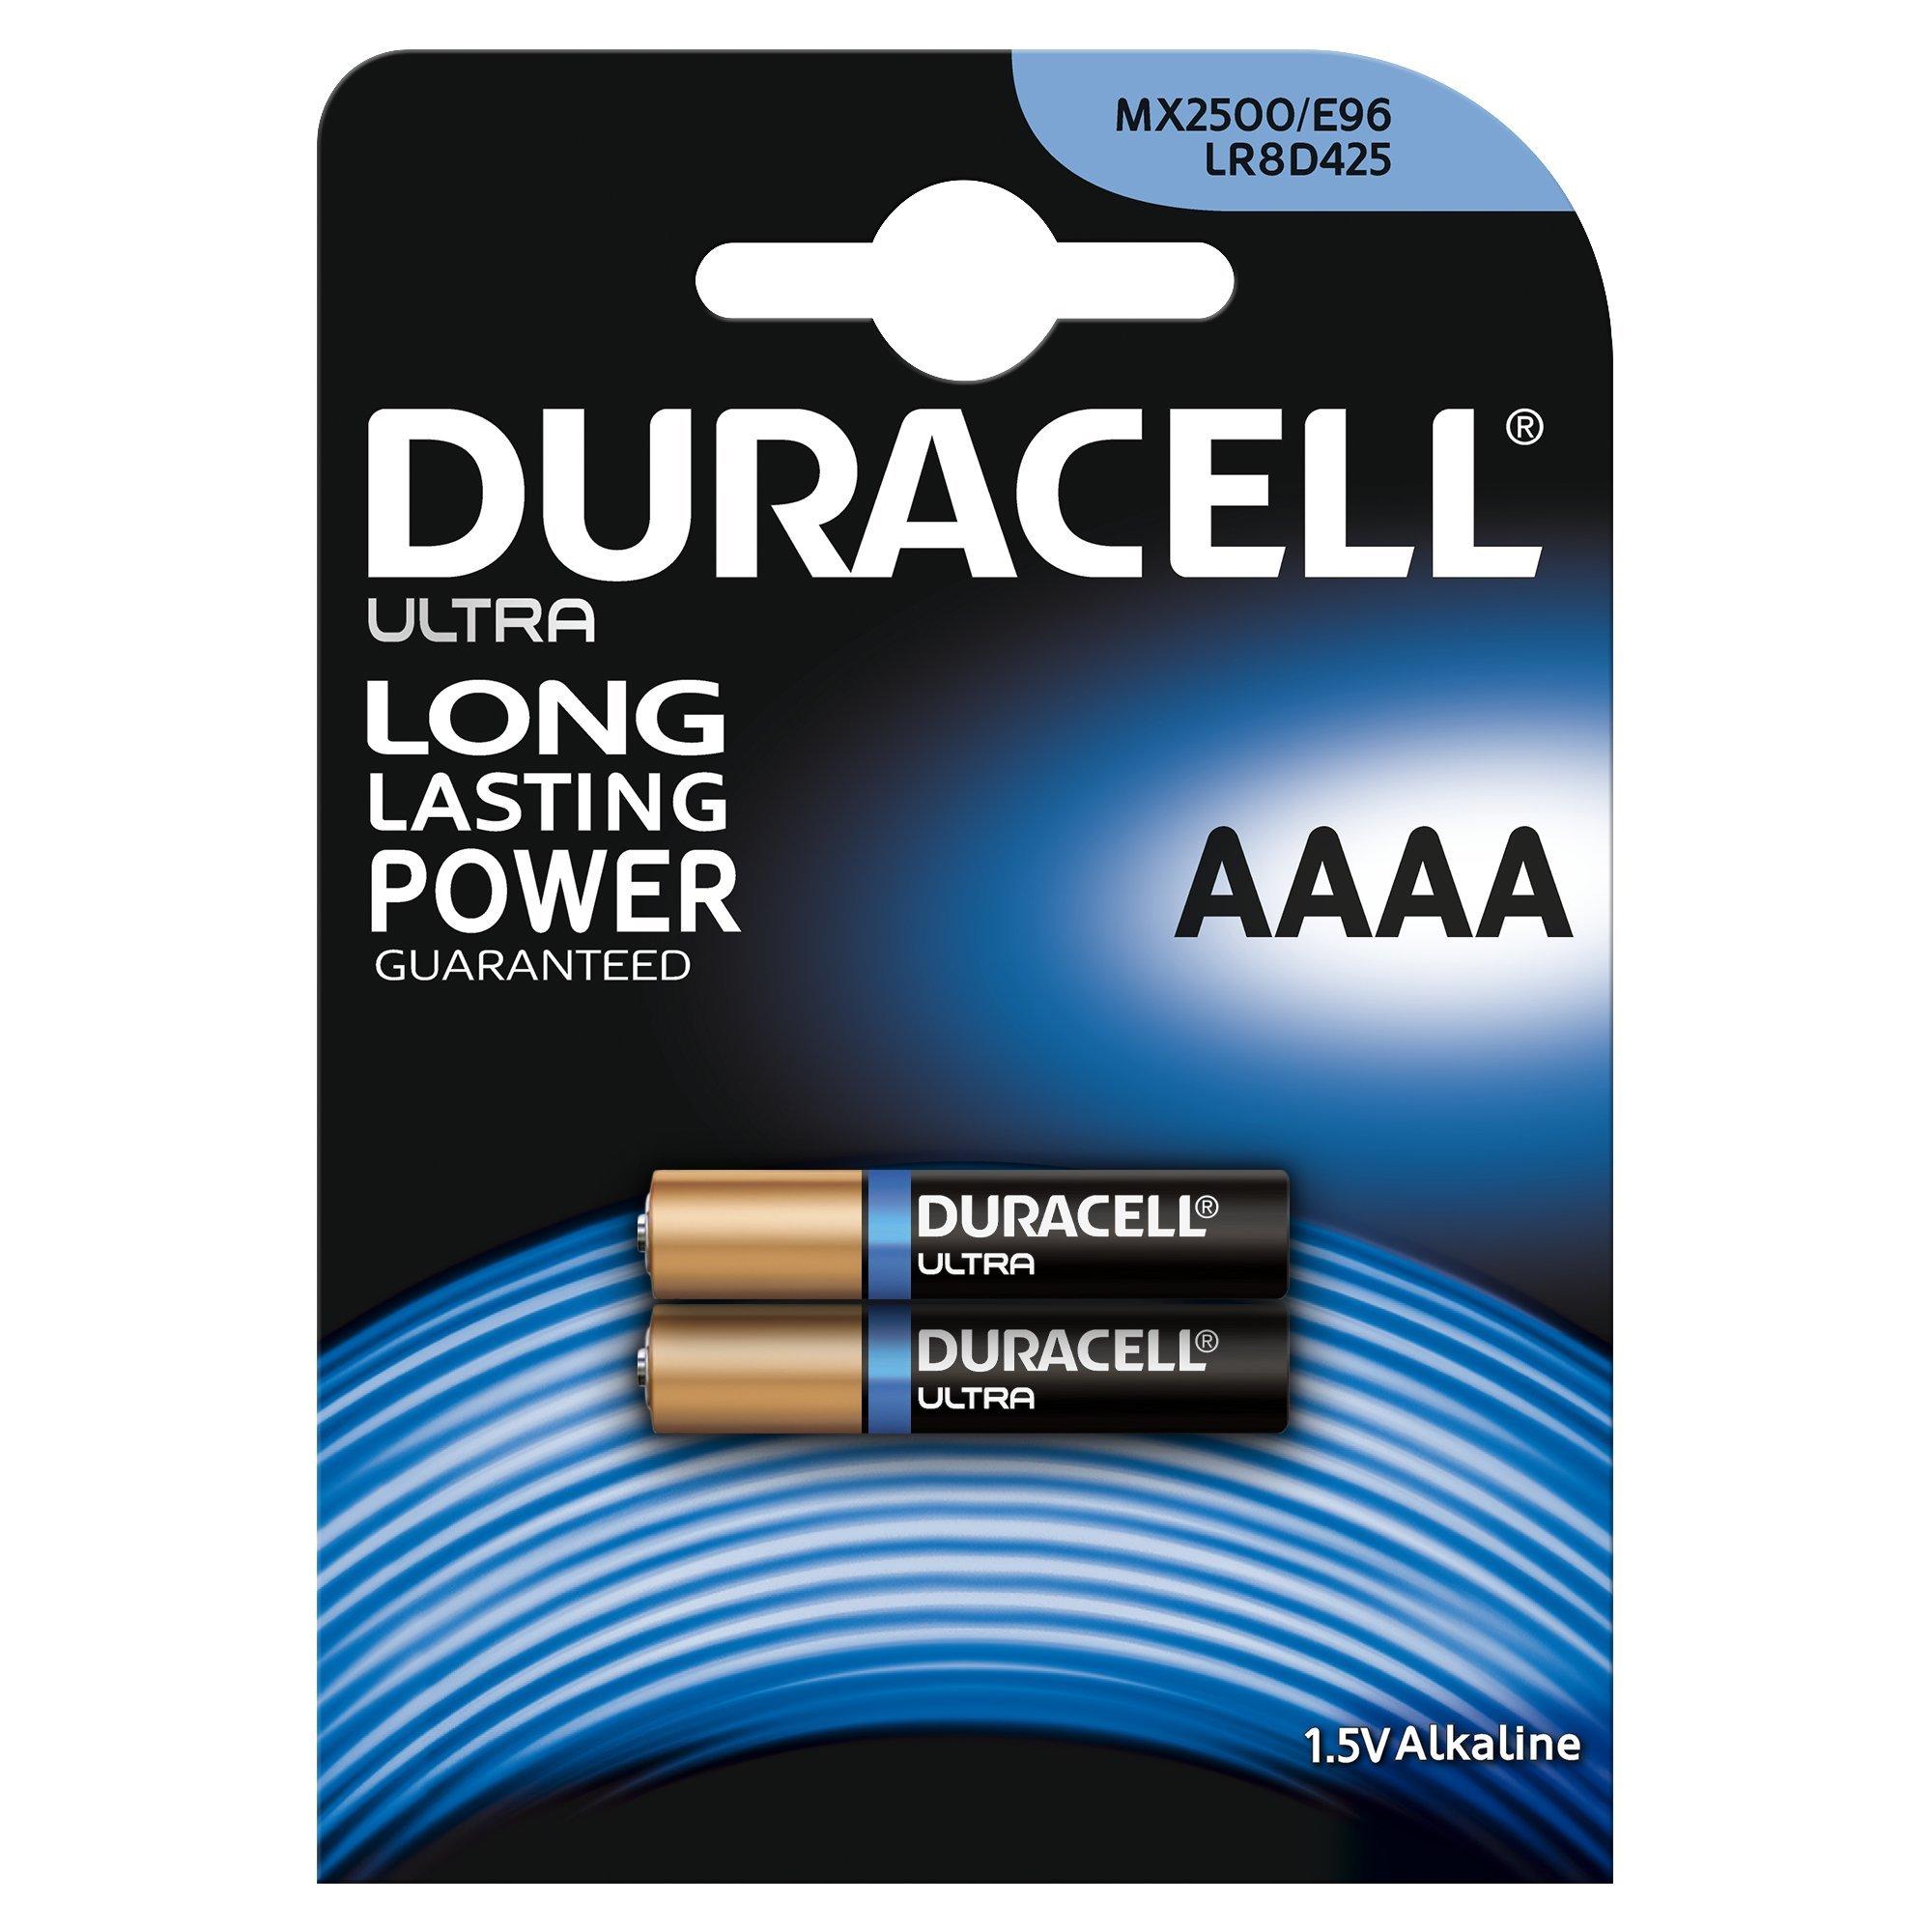 Duracell Ultra MN2500 Alkaline AAAA Batteries - Pack of 2